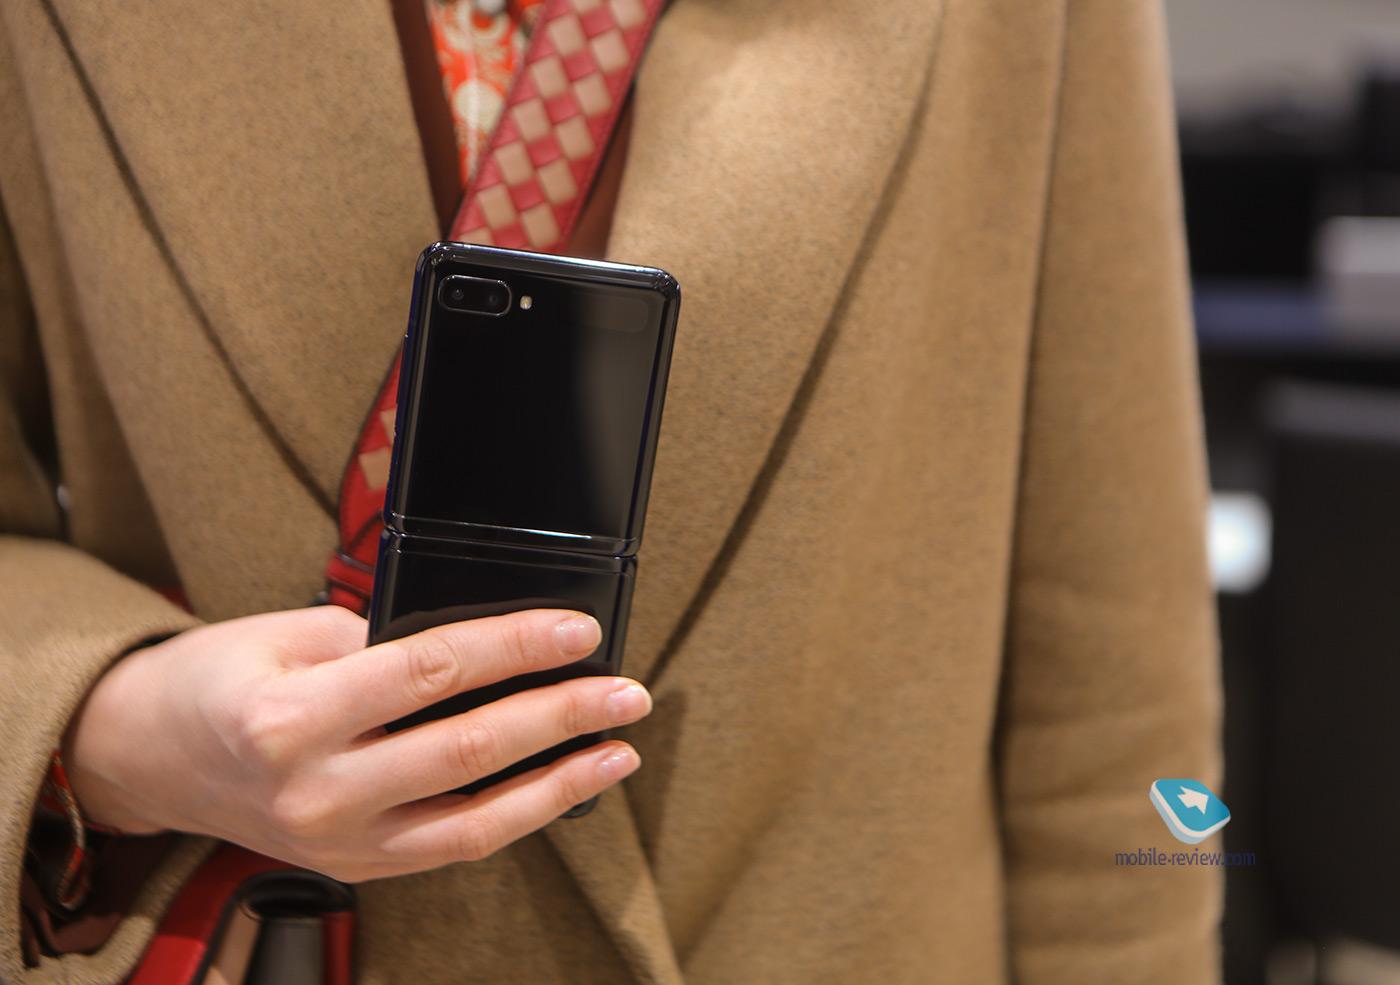 Бирюльки №577. США официально назвали Huawei гангстером и рэкетиром